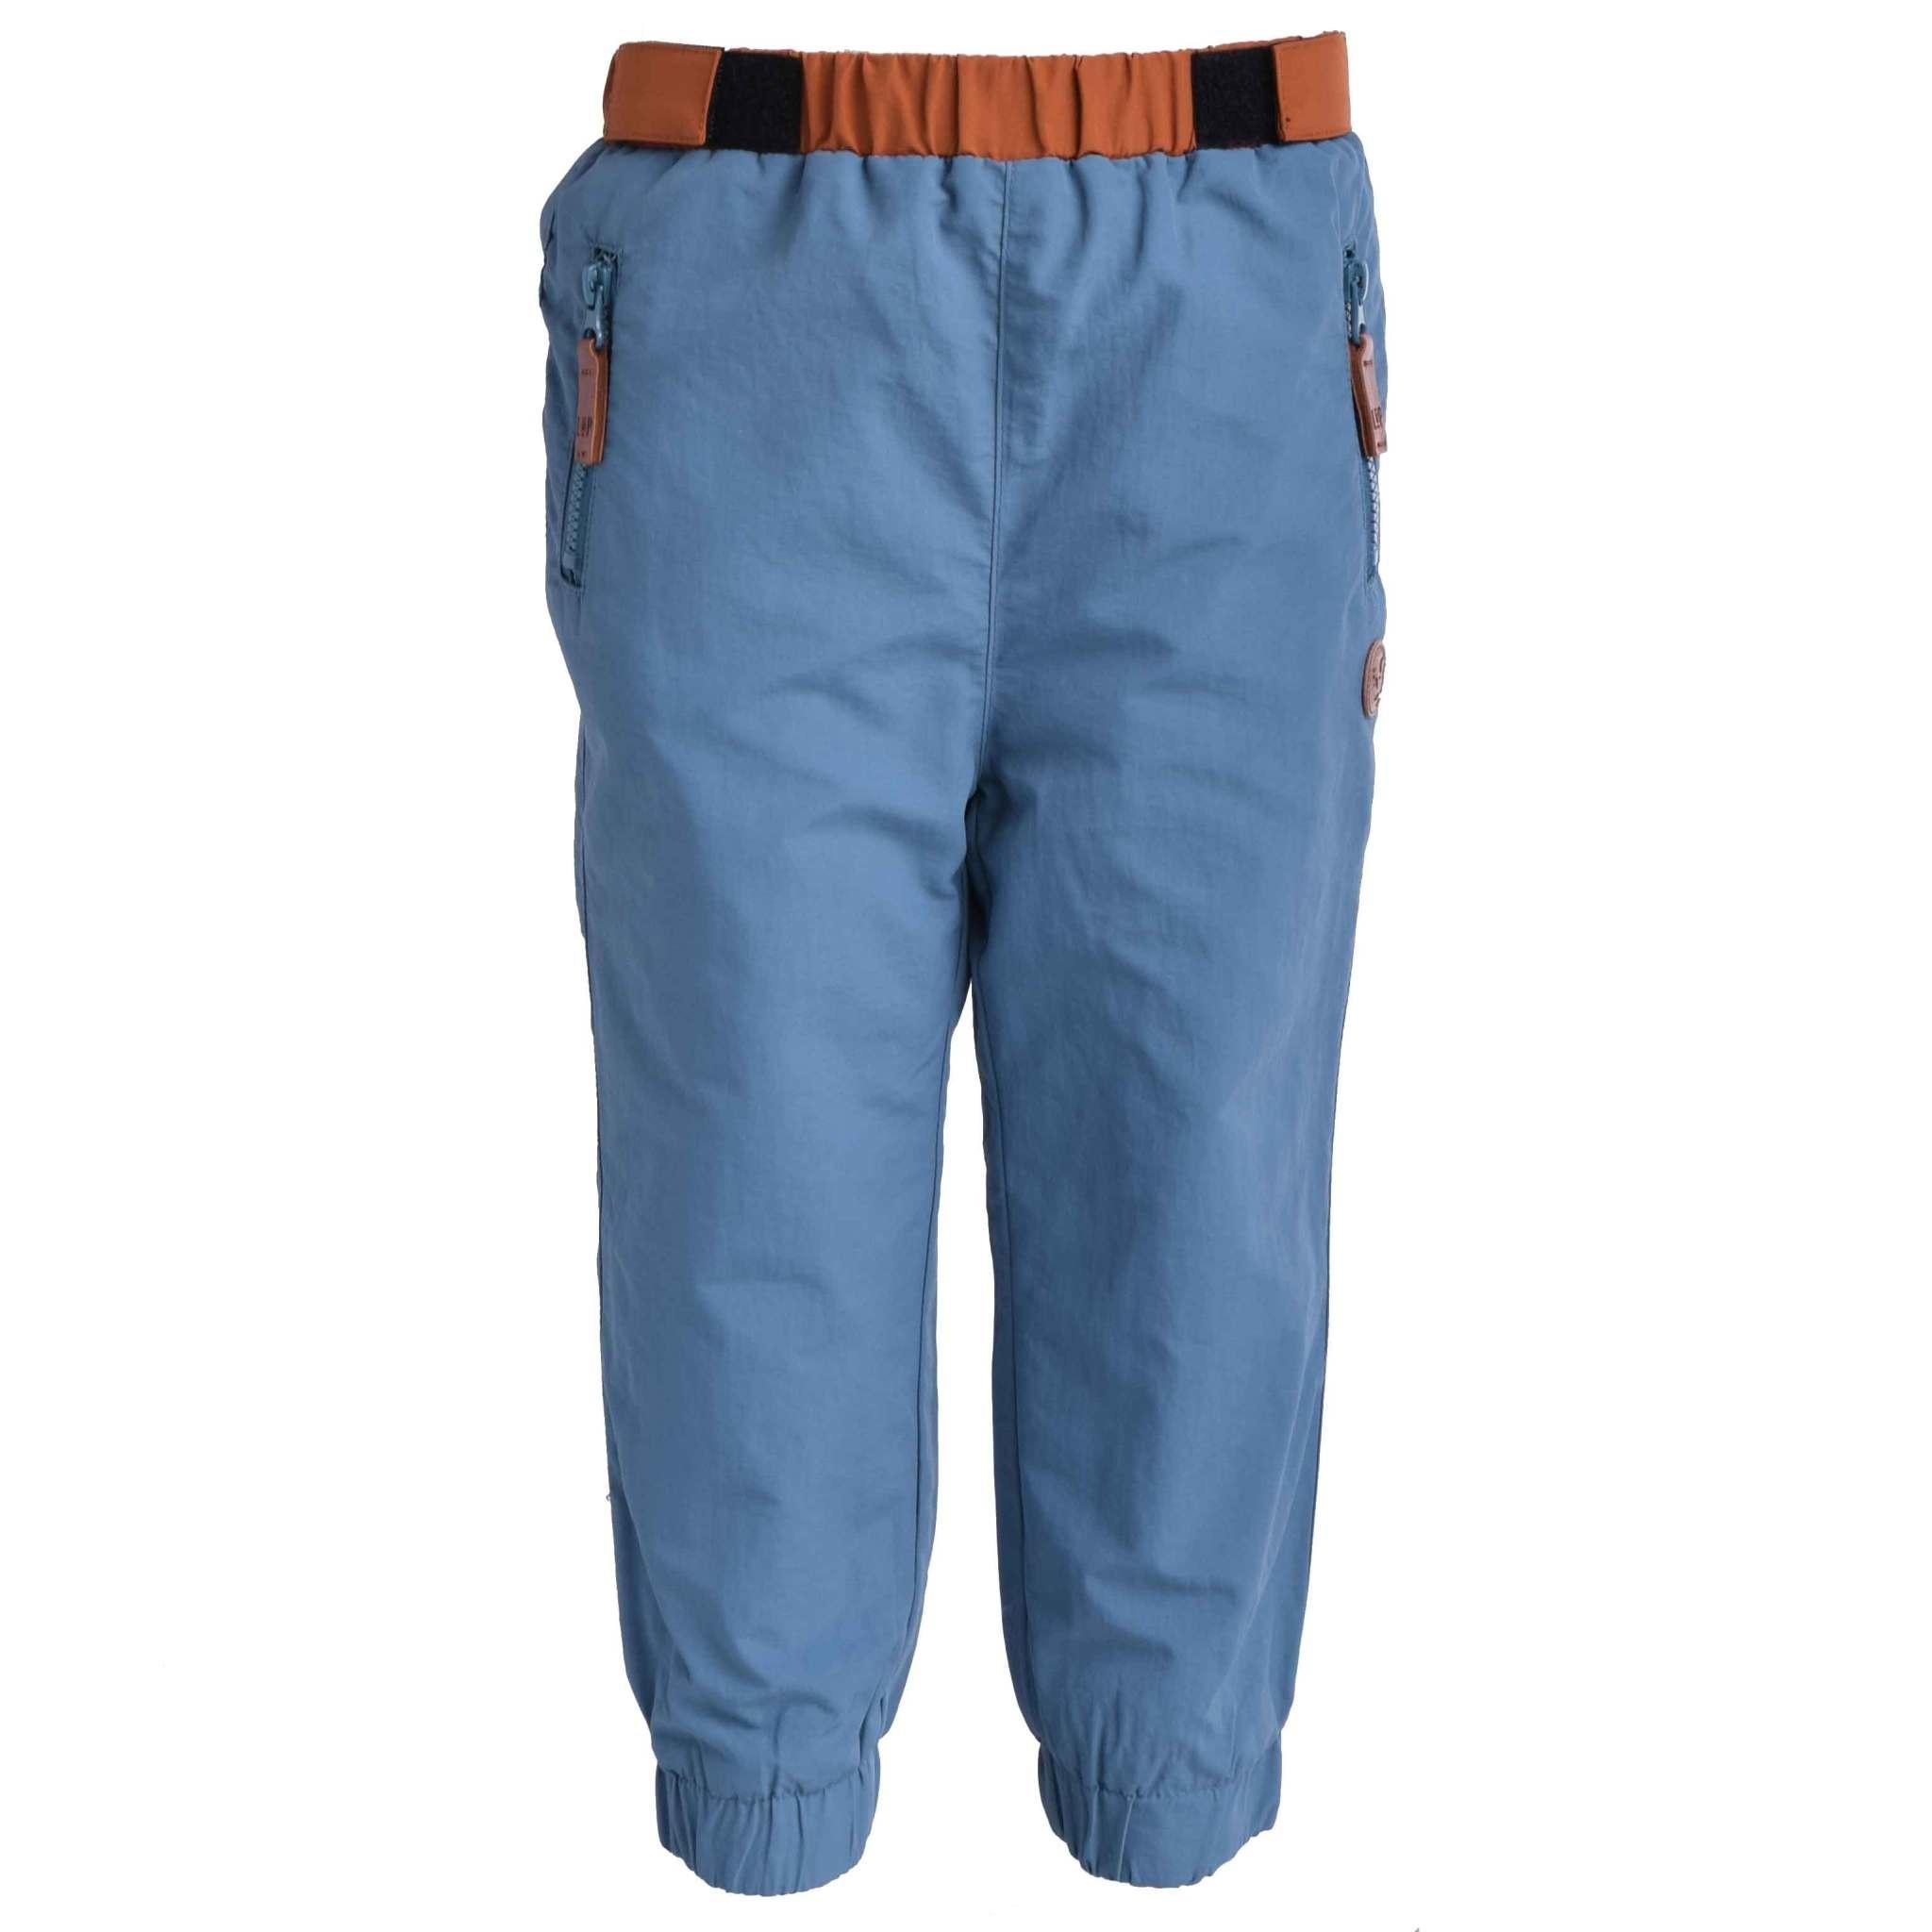 Pantalon D'Extérieur doublé Polar - TWENTY TWO 1.0-5